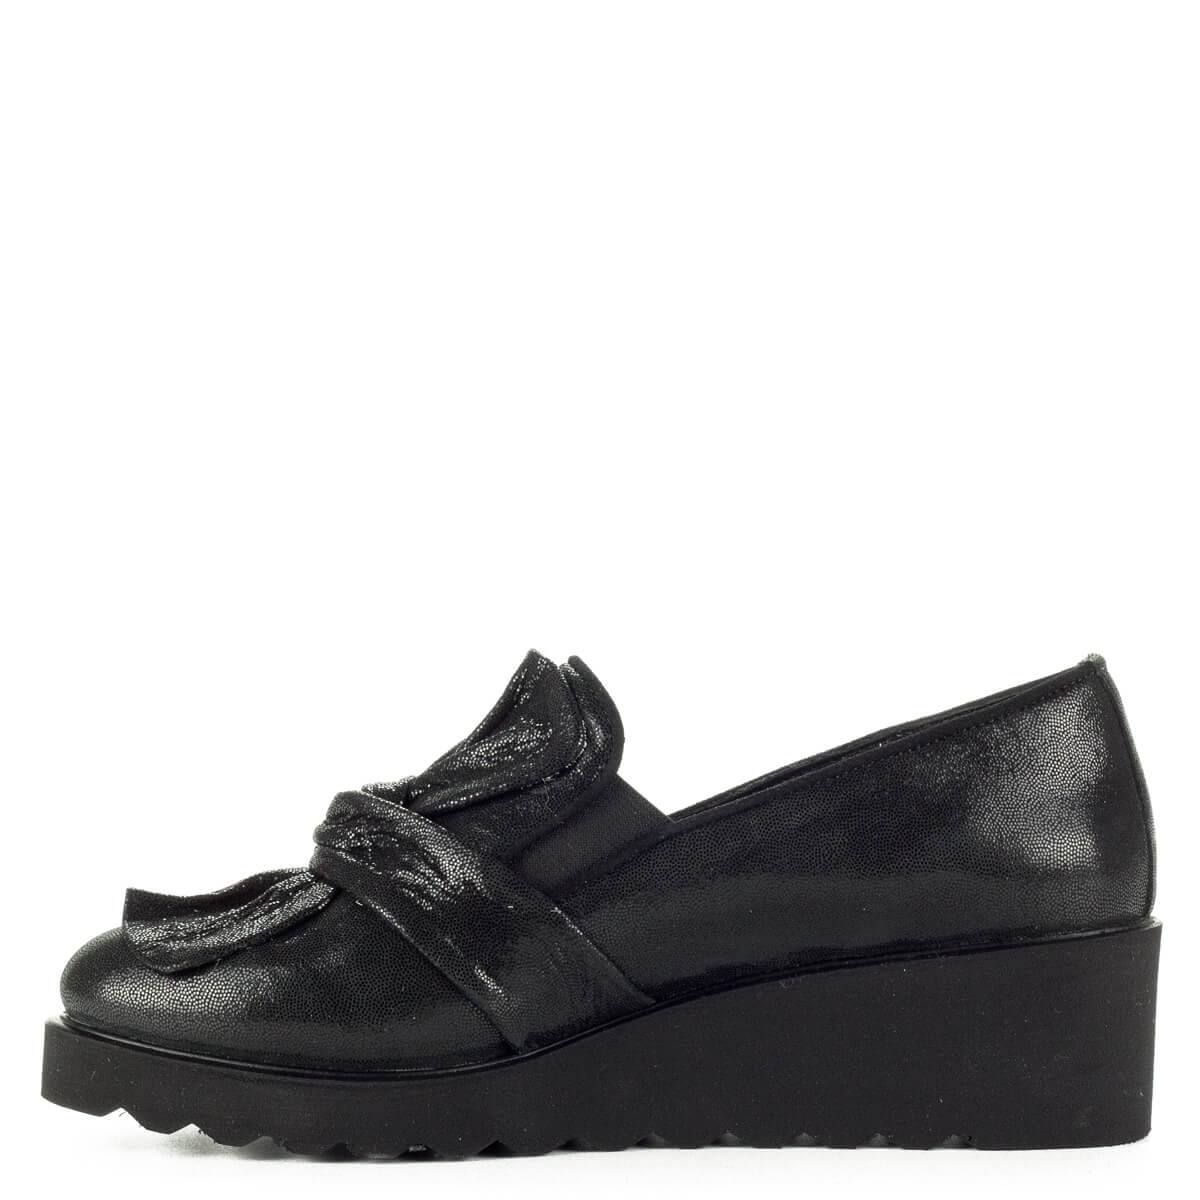 d109887b53 ... Anna Viotti fekete masnis slipon cipő vastag gumi talppal. A cipő  természetes bőrből készült,